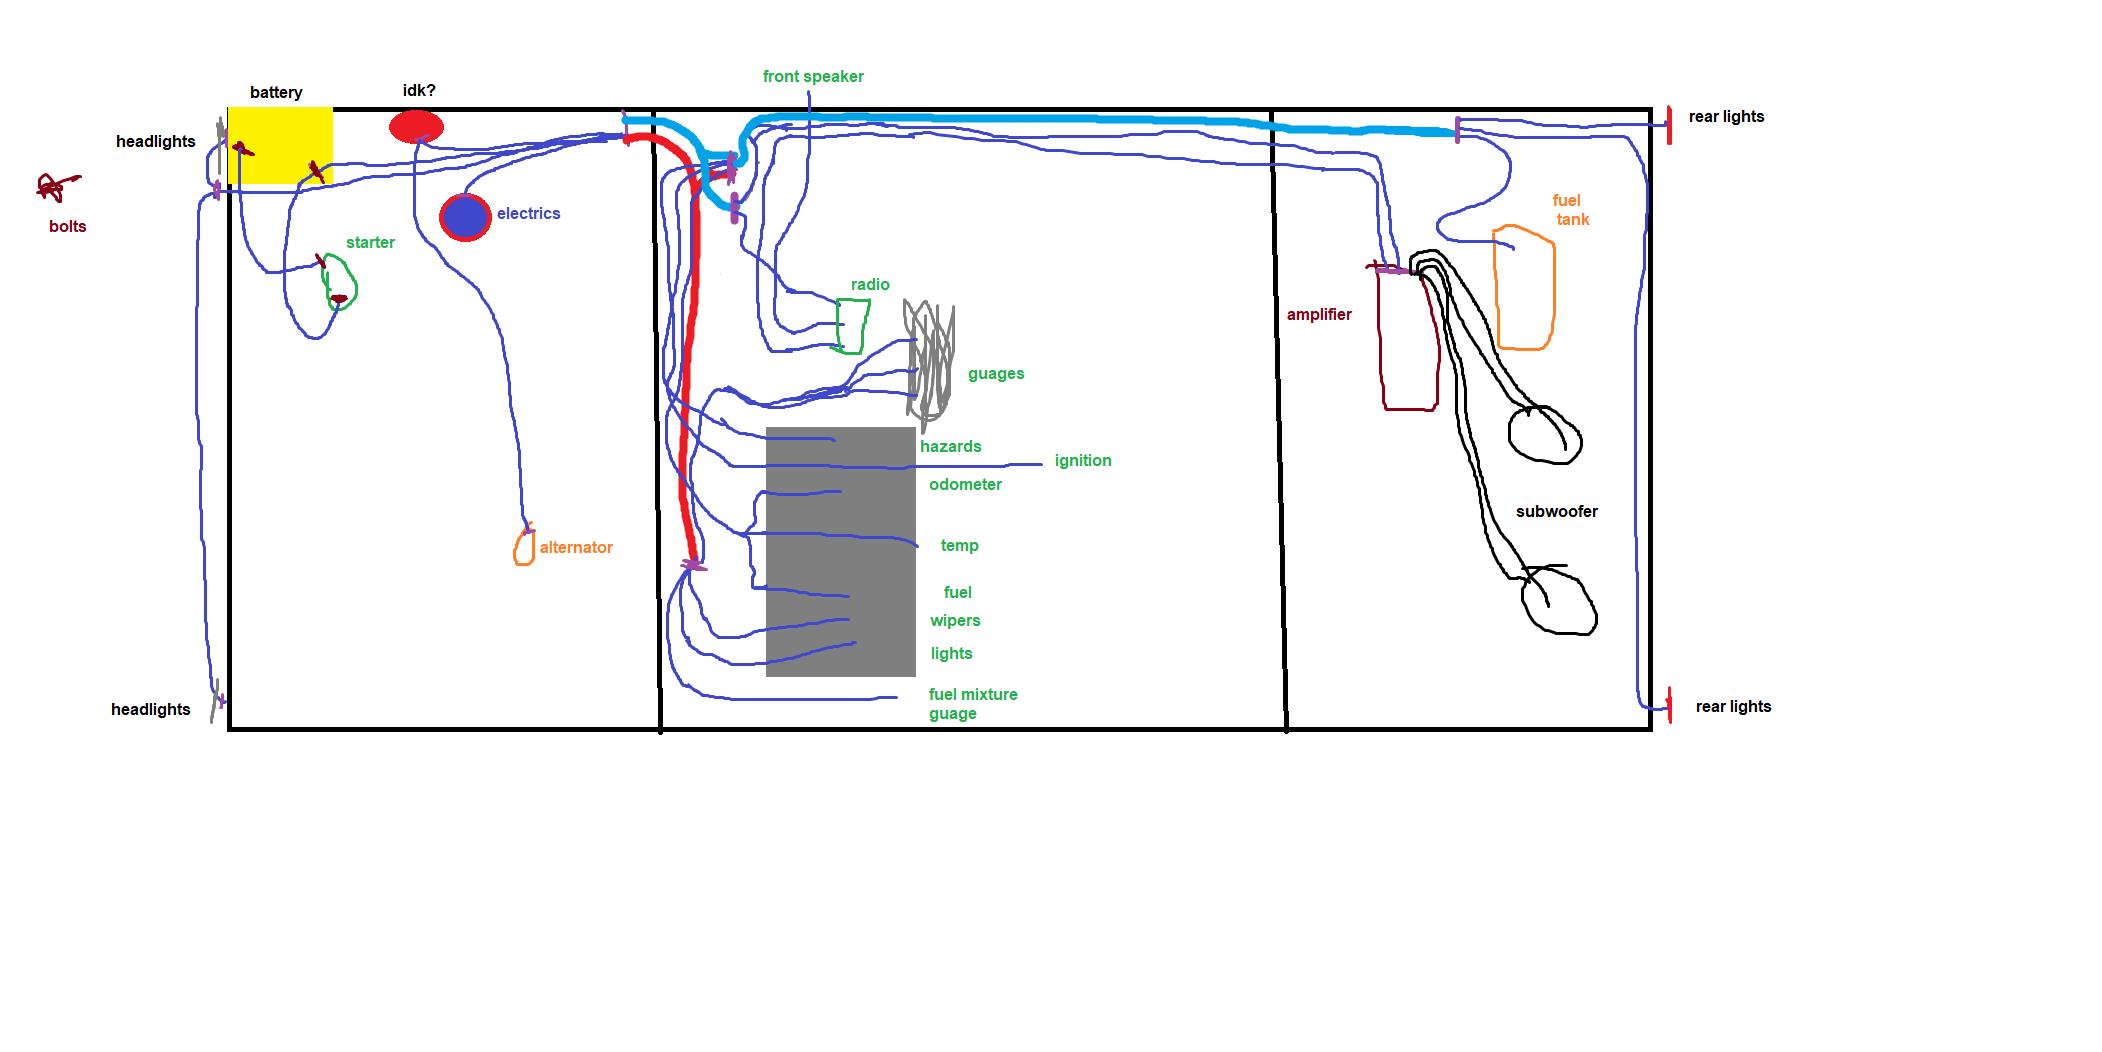 wiring diagram for my car wiring diagram go wiring diagram for my car steam community wire [ 2102 x 1052 Pixel ]